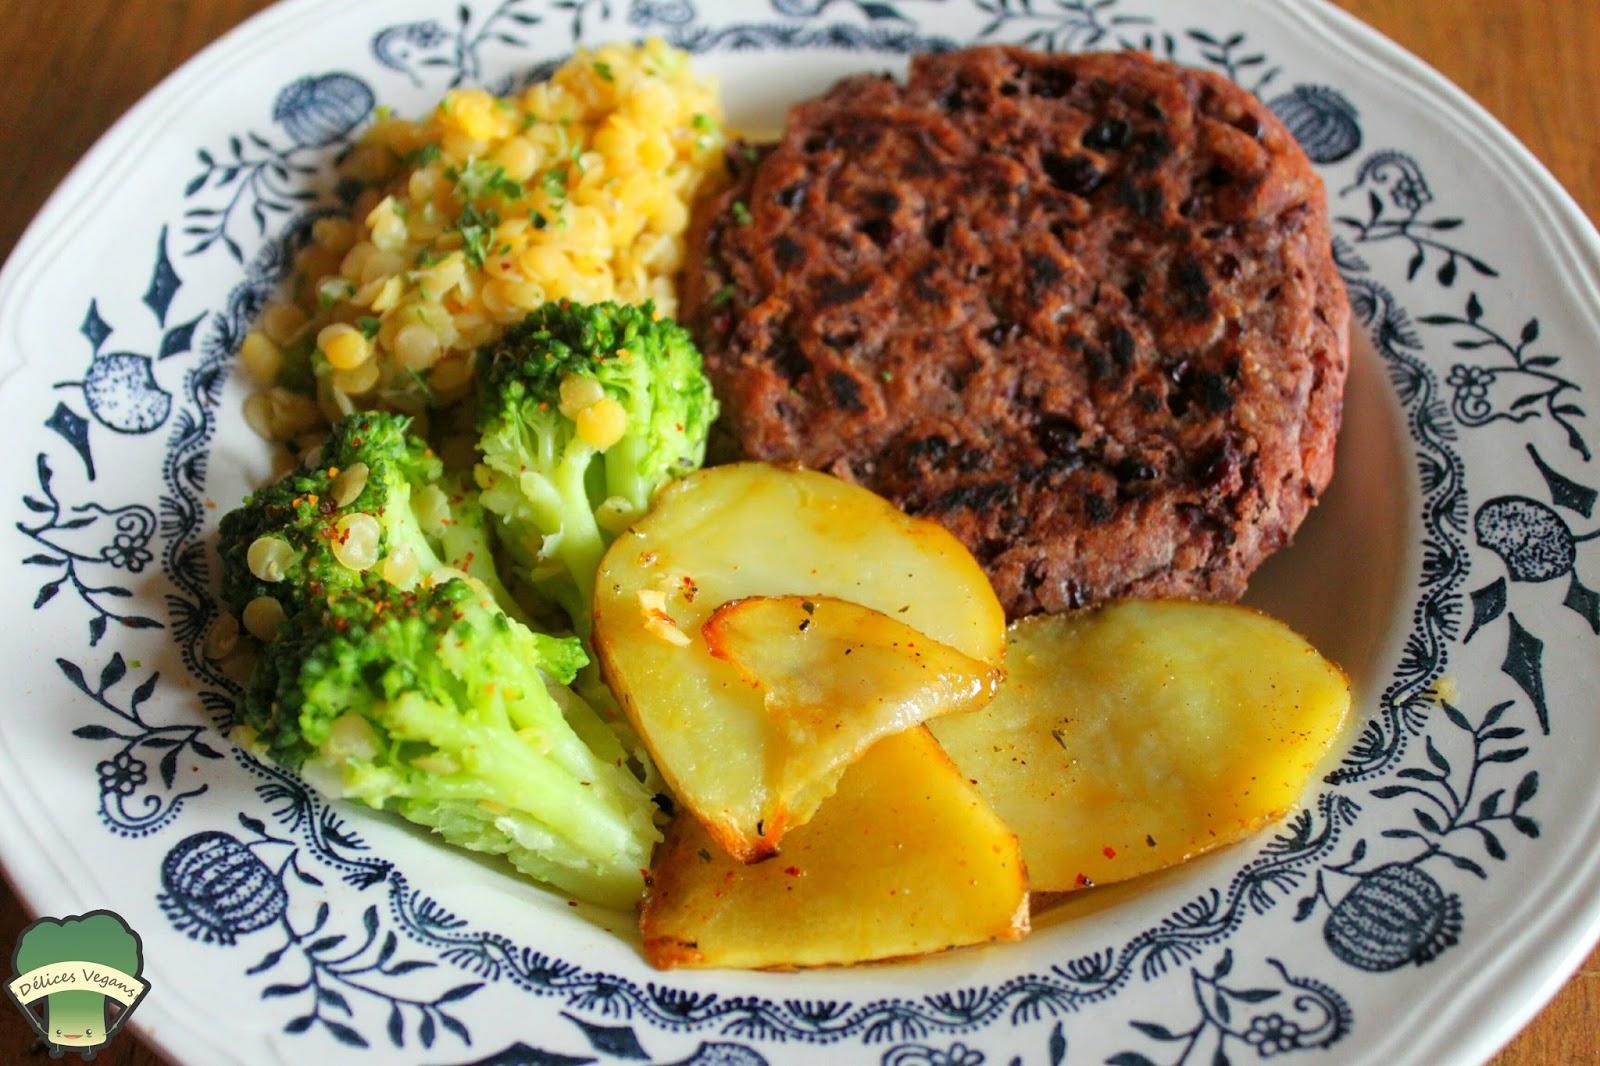 4 id es d 39 assiettes v g tales un plat quilibr des pommes de terre au four un wrap gourmand. Black Bedroom Furniture Sets. Home Design Ideas